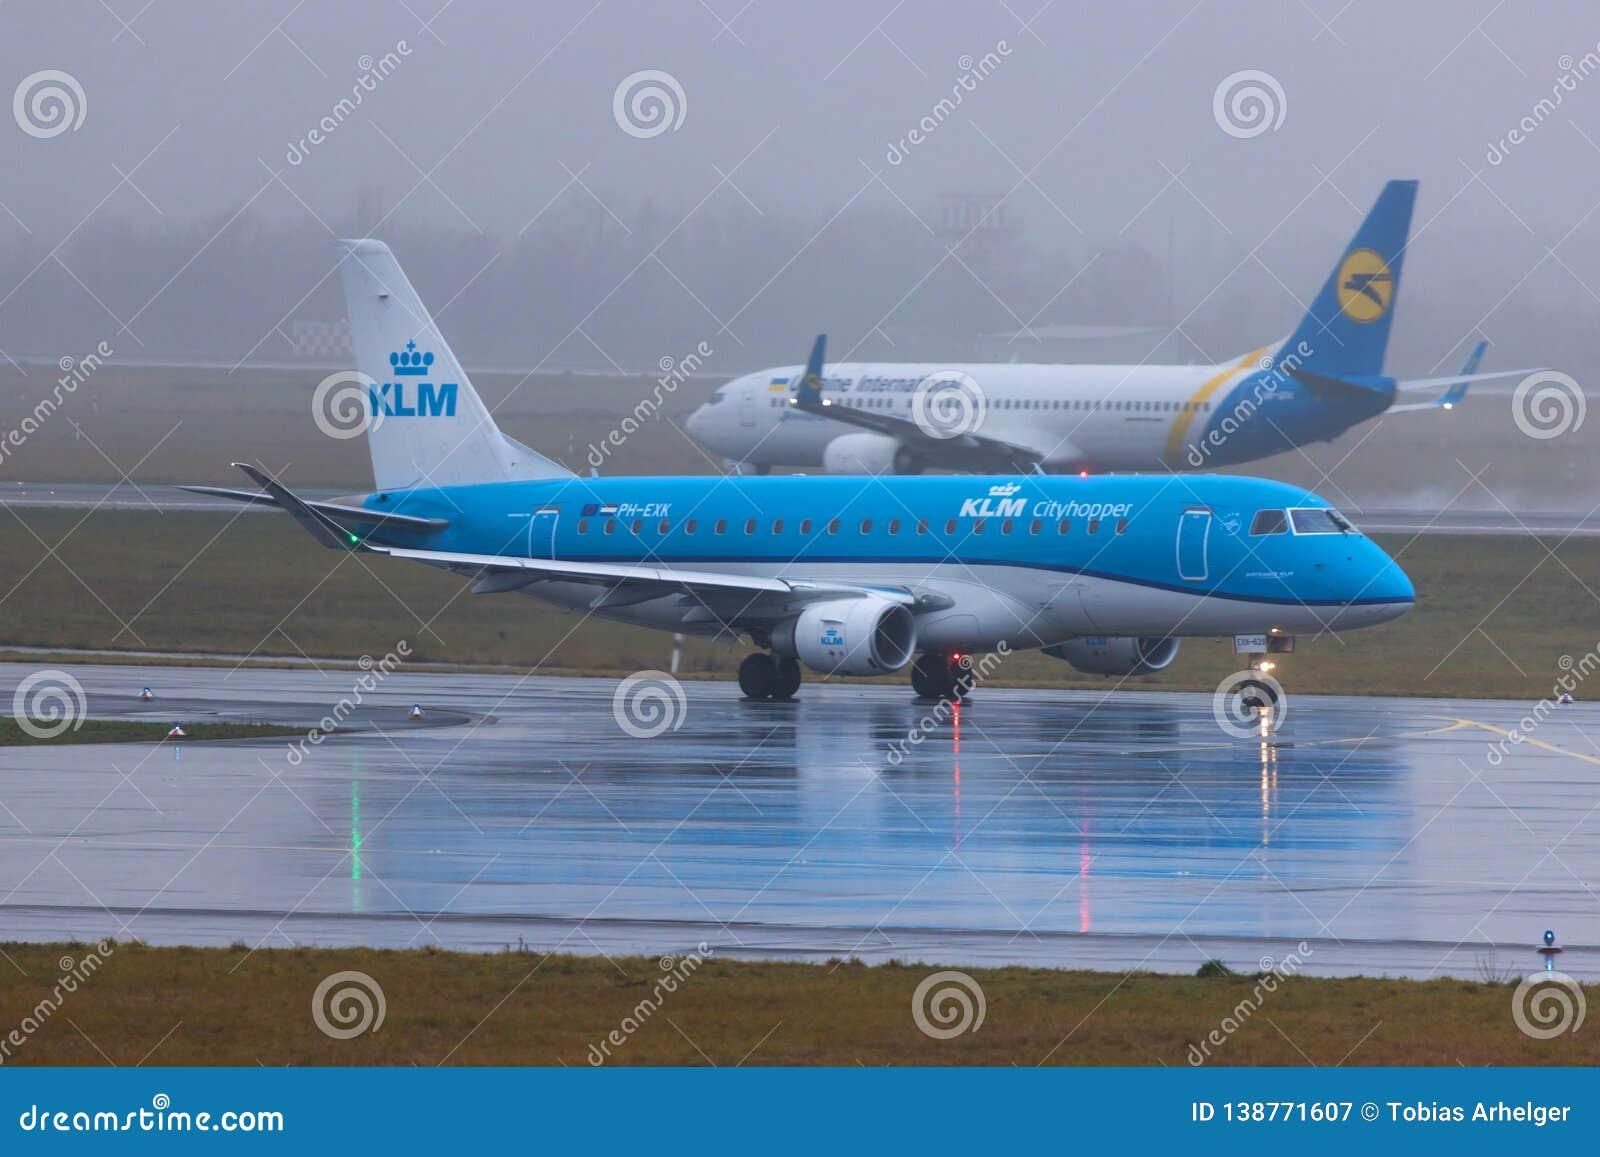 Dusseldorf nrw, Germany,/- 11 01 19: lkm linie lotnicze samolotowe przy Dusseldorf lotniskowy Germany w deszczu